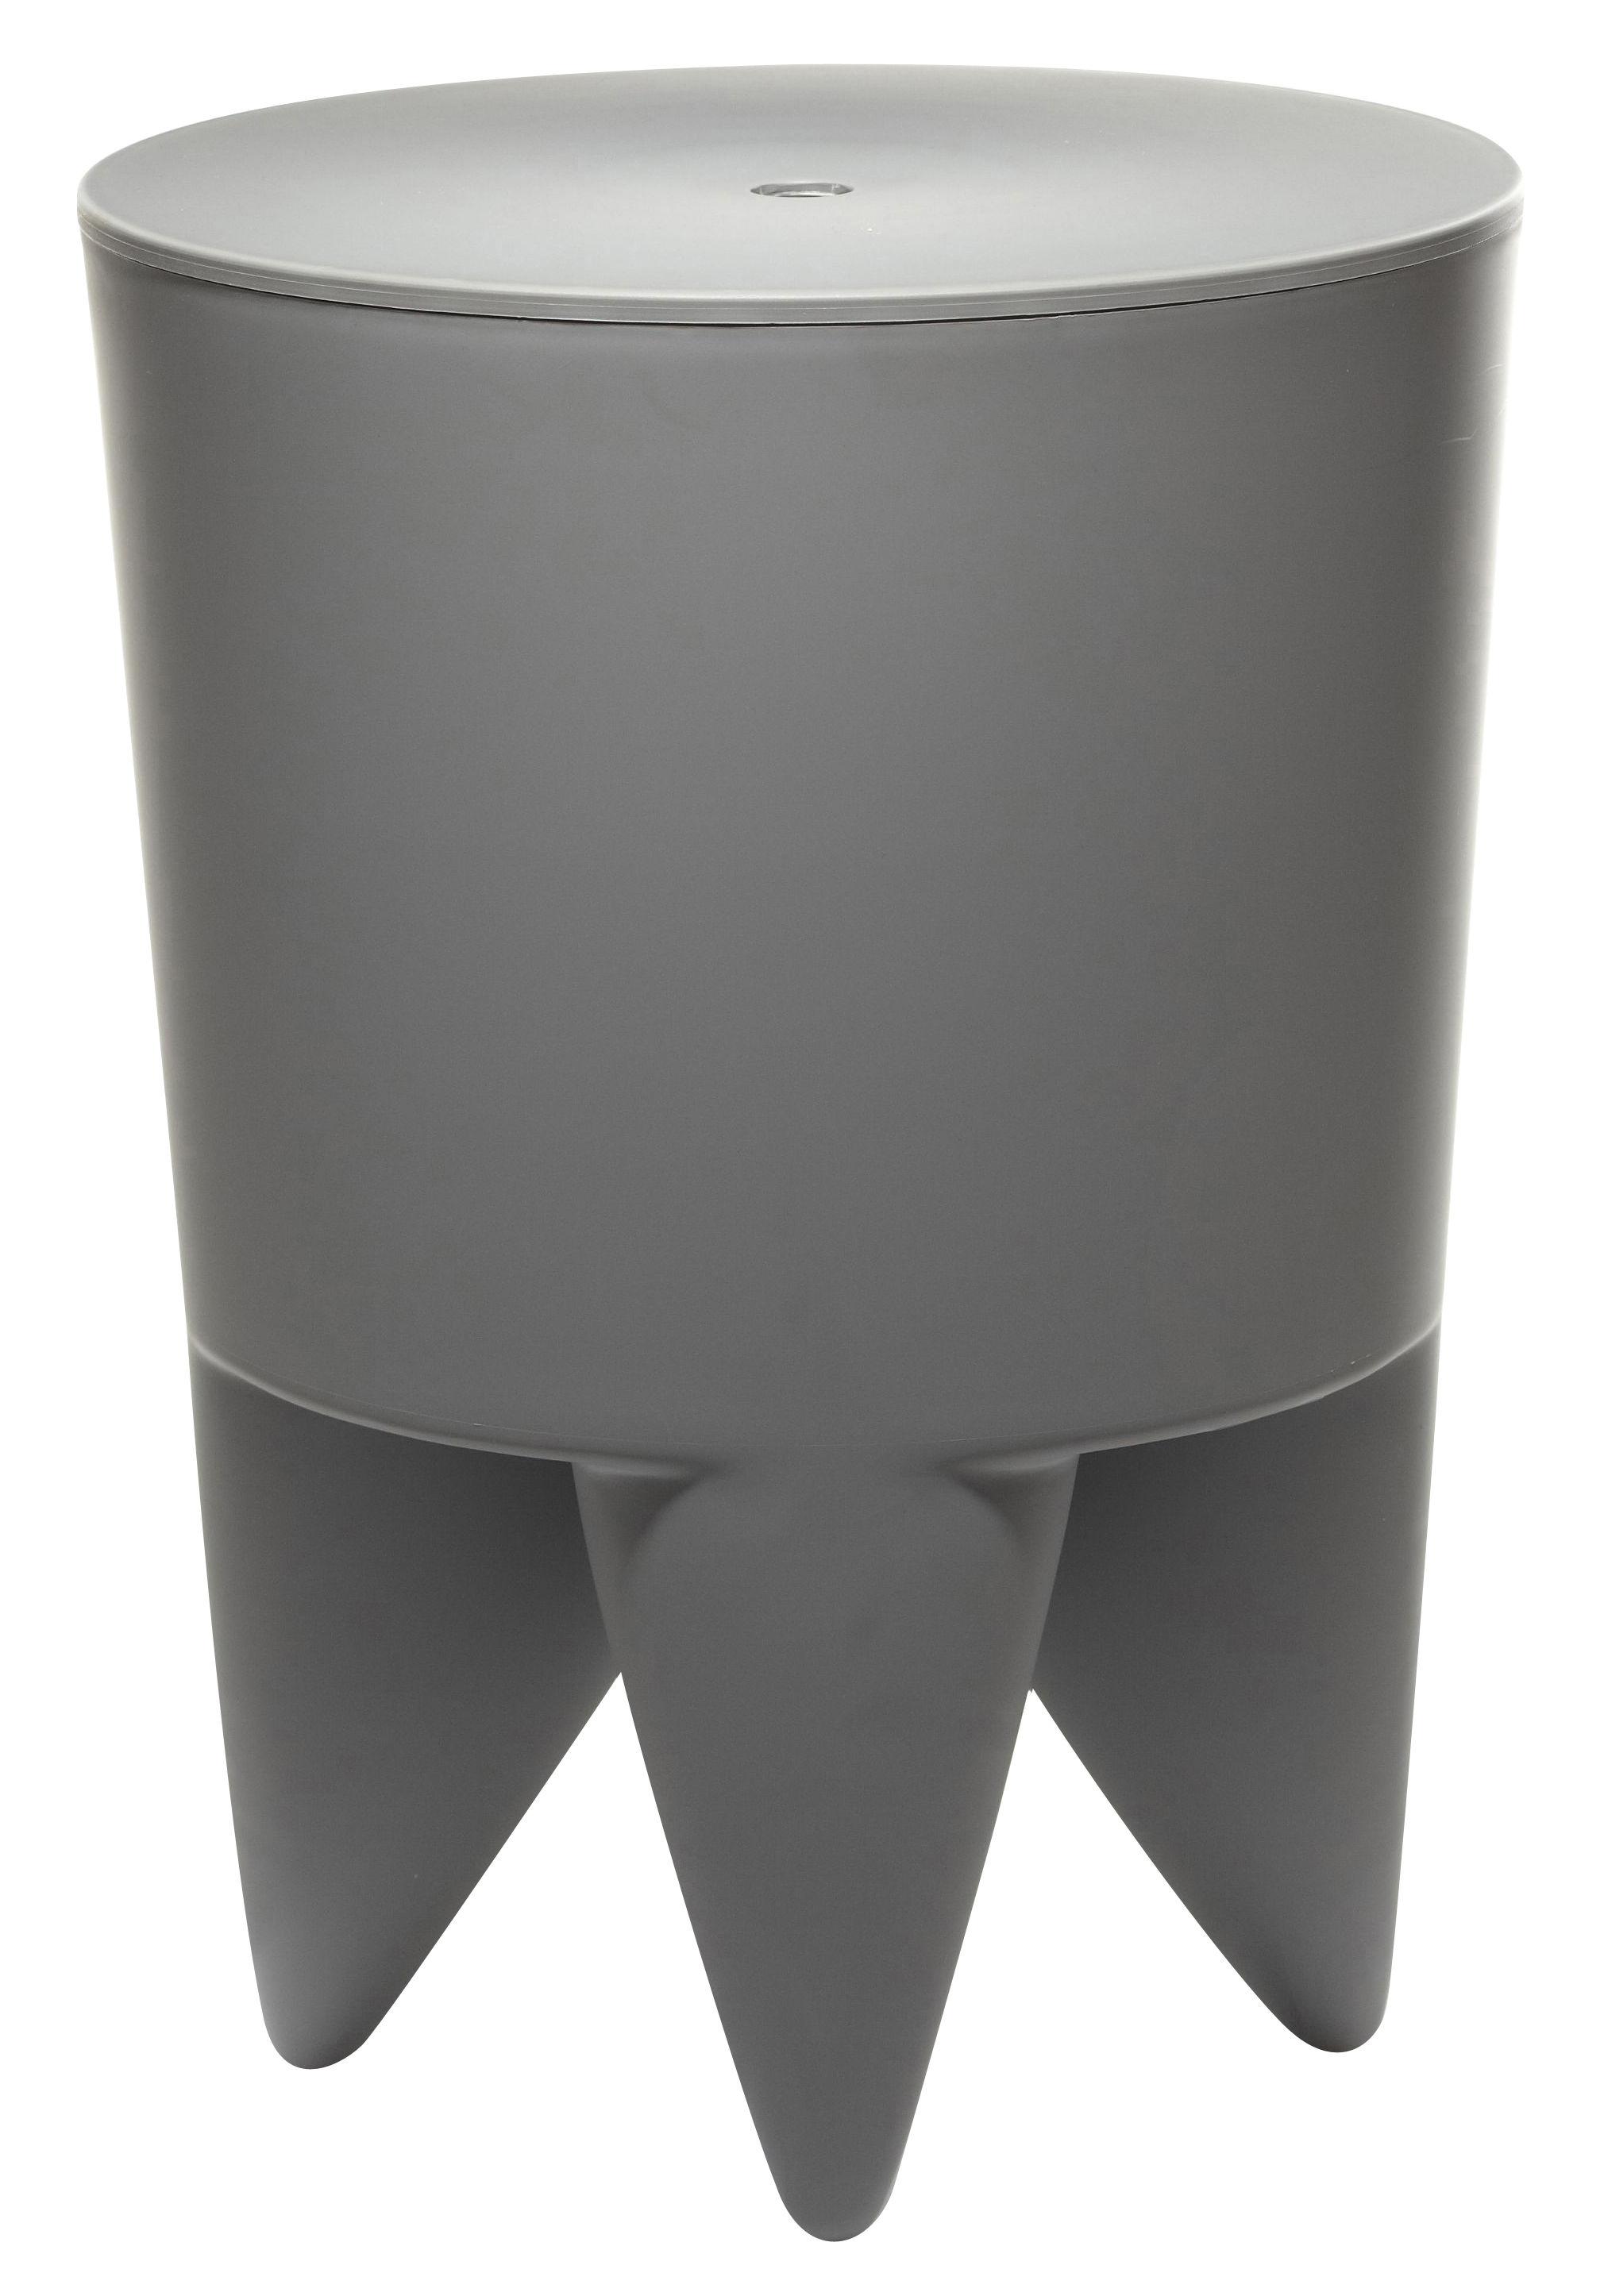 Arredamento - Mobili Ados  - Sgabello New Bubu 1er - Opaco di XO - Grigio topo - Polipropilene